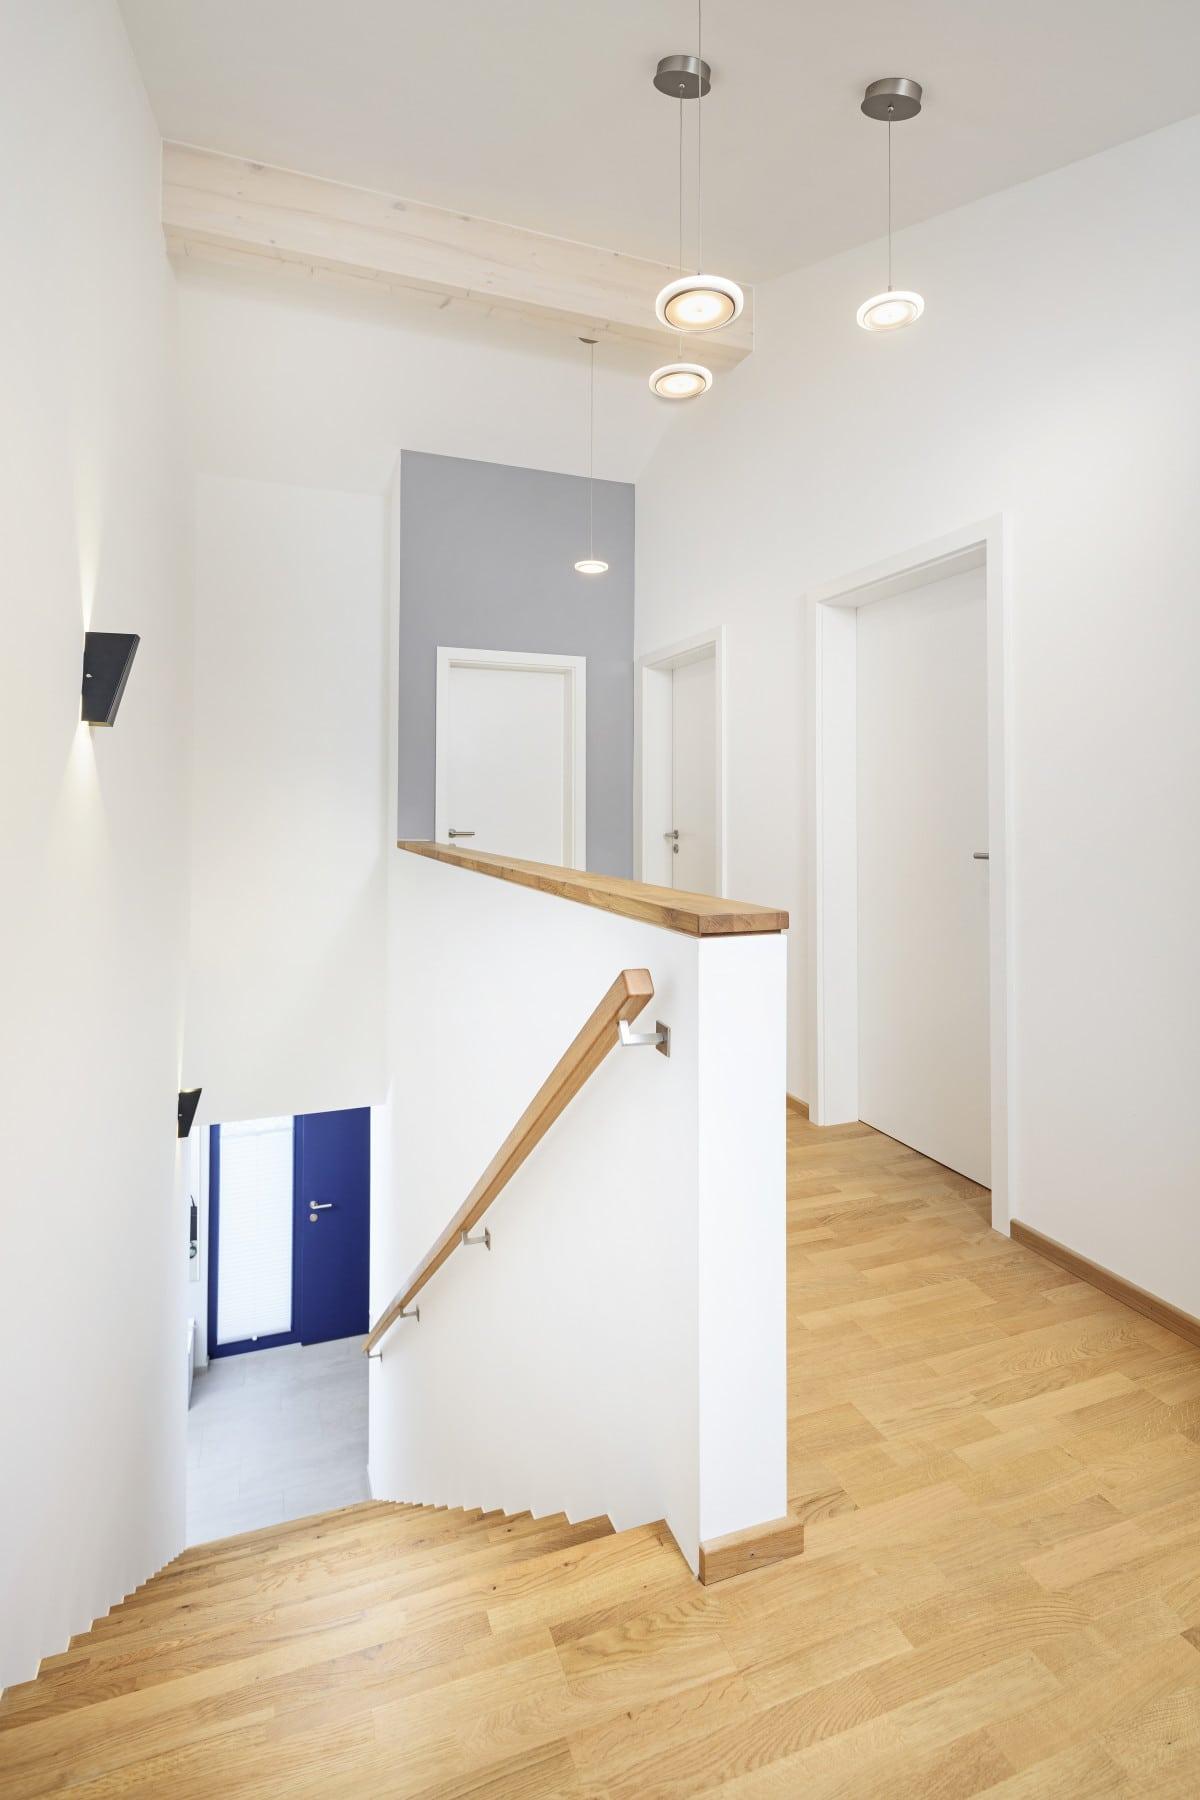 Treppenhaus mit Holz Treppe - Inneneinrichtung Haus Design Ideen innen Fertighaus Ökohaus Schneider / Baufritz - HausbauDirekt.de